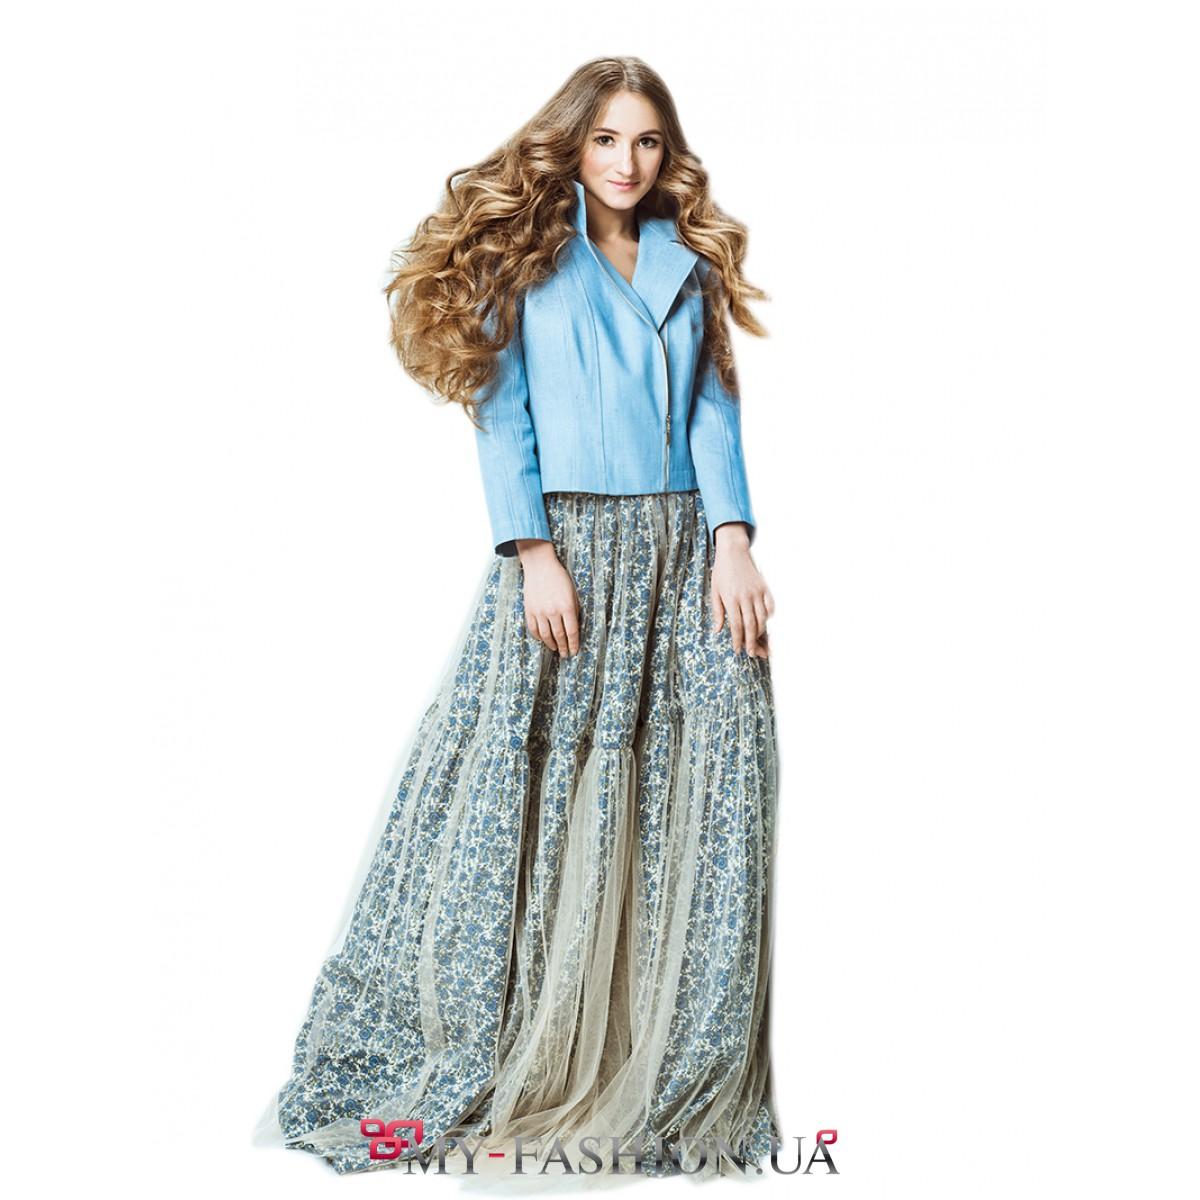 Необычная женская одежда доставка